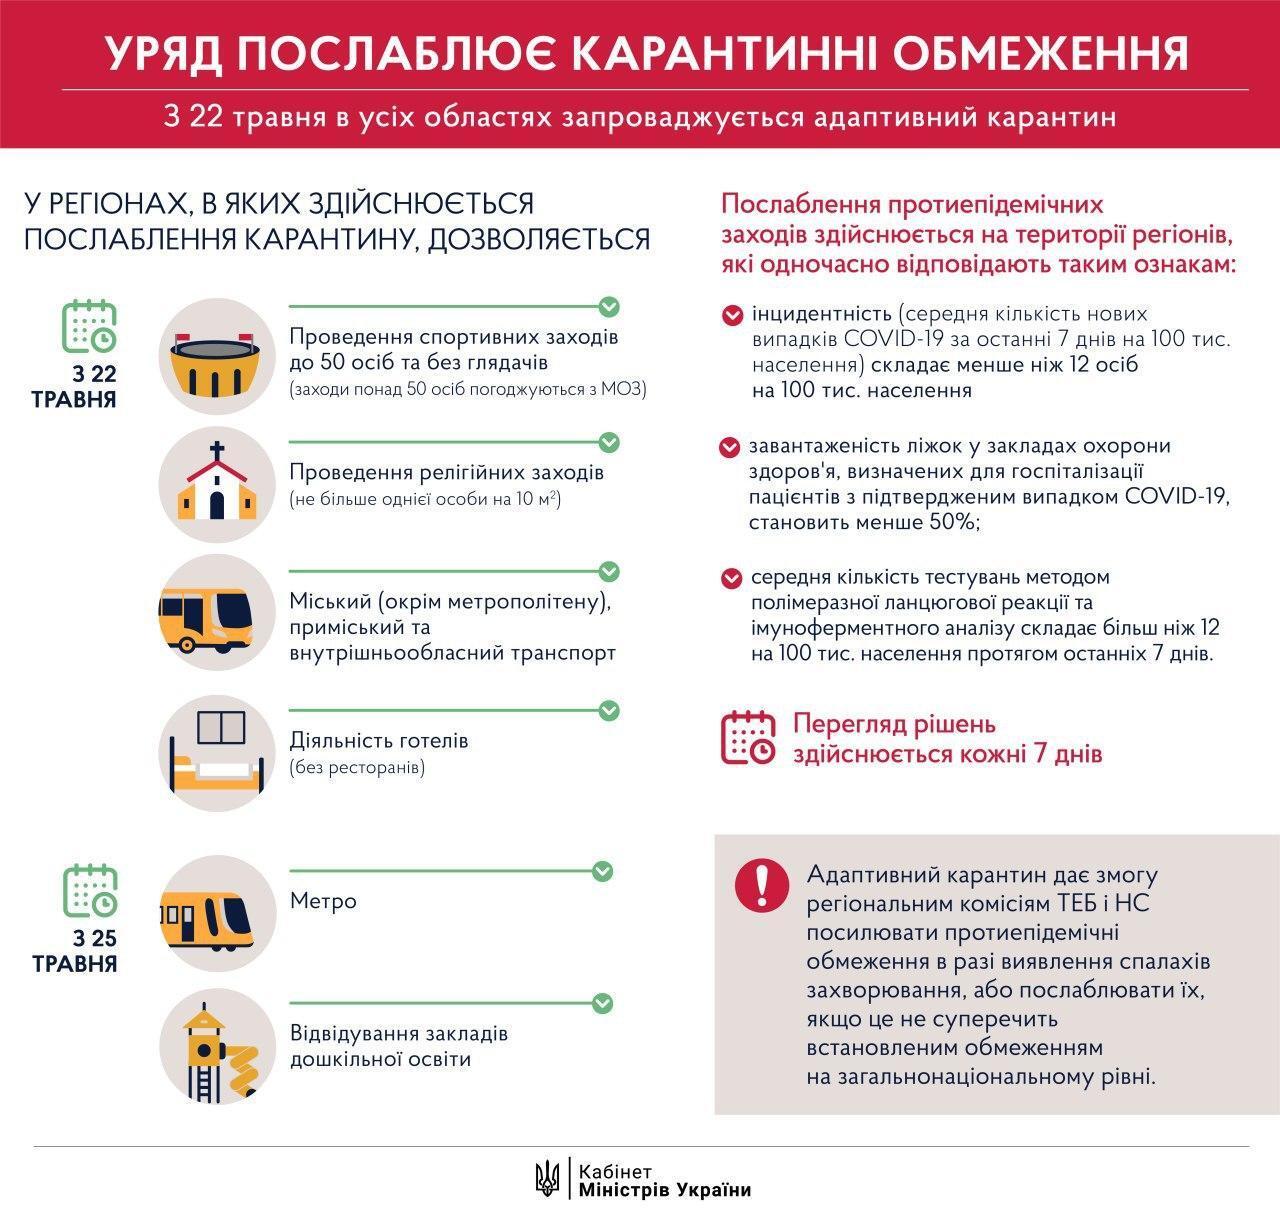 Адаптивний карантин в Україні: коли він закінчиться